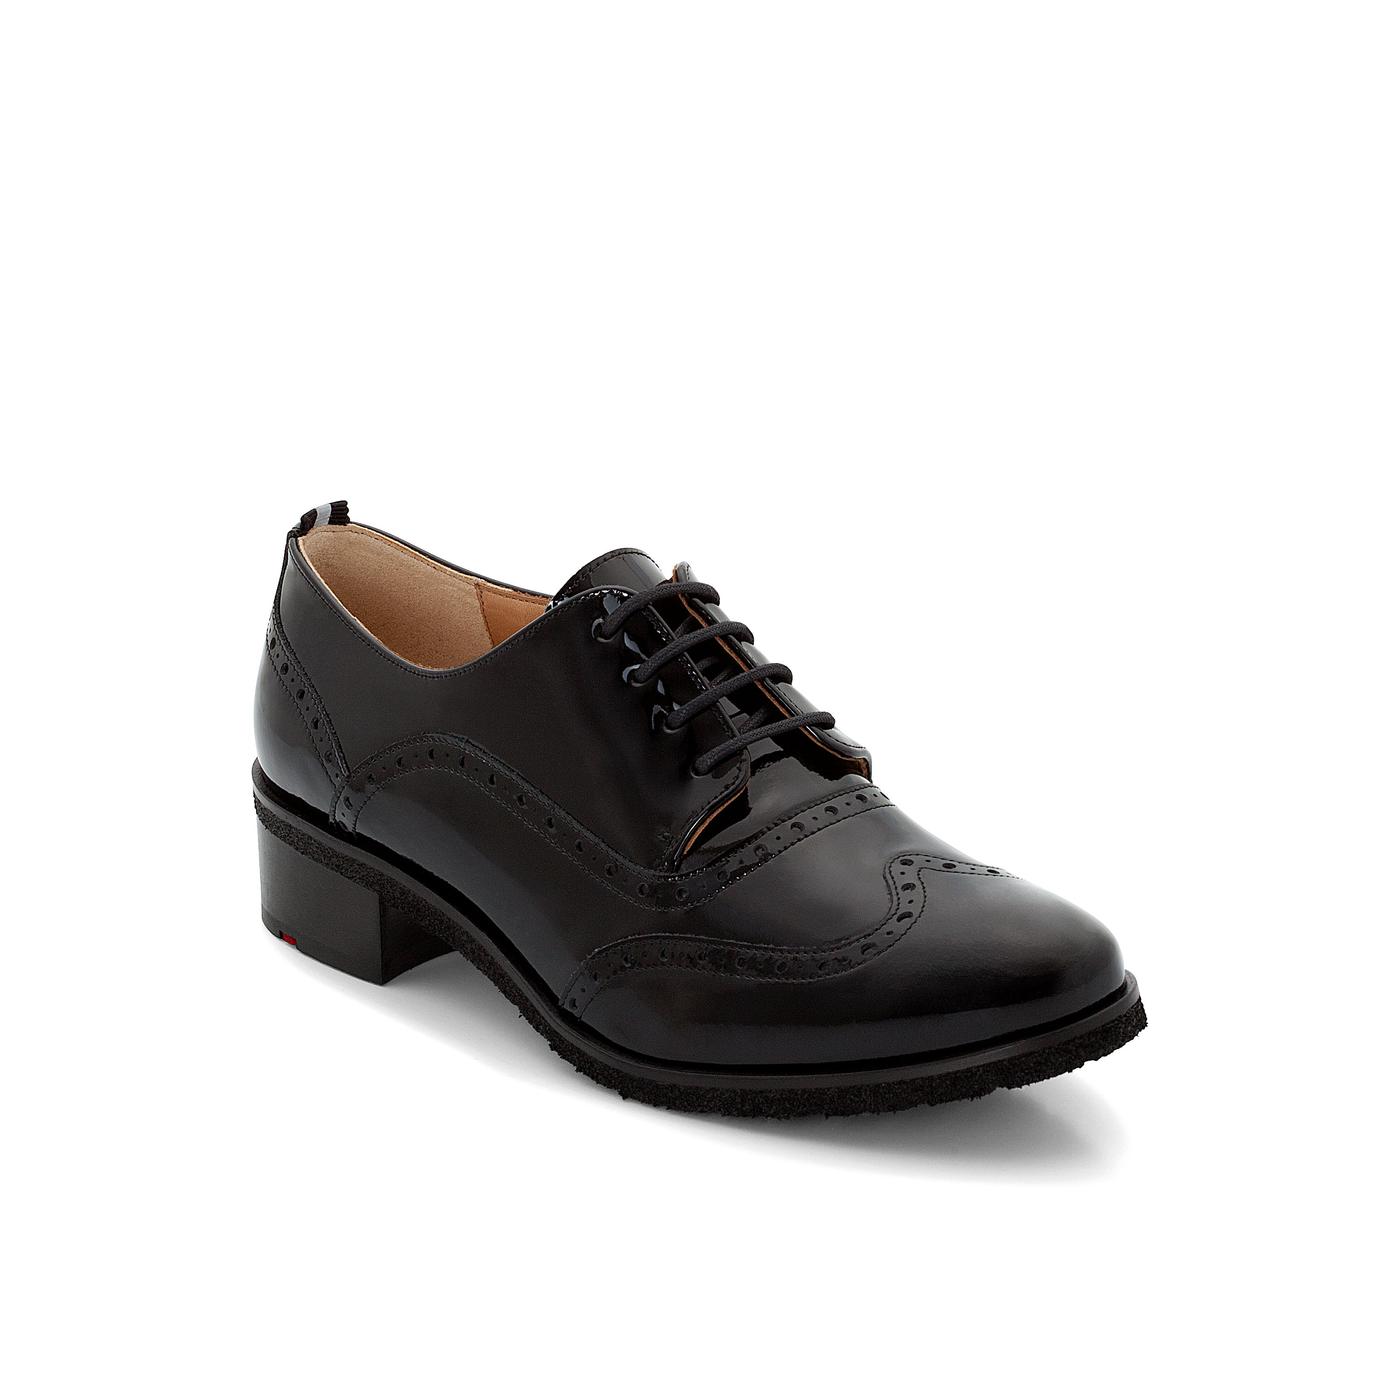 Halbschuhe | Schuhe > Boots > Schnürboots | Schwarz | Glanzleder -  leder | LLOYD